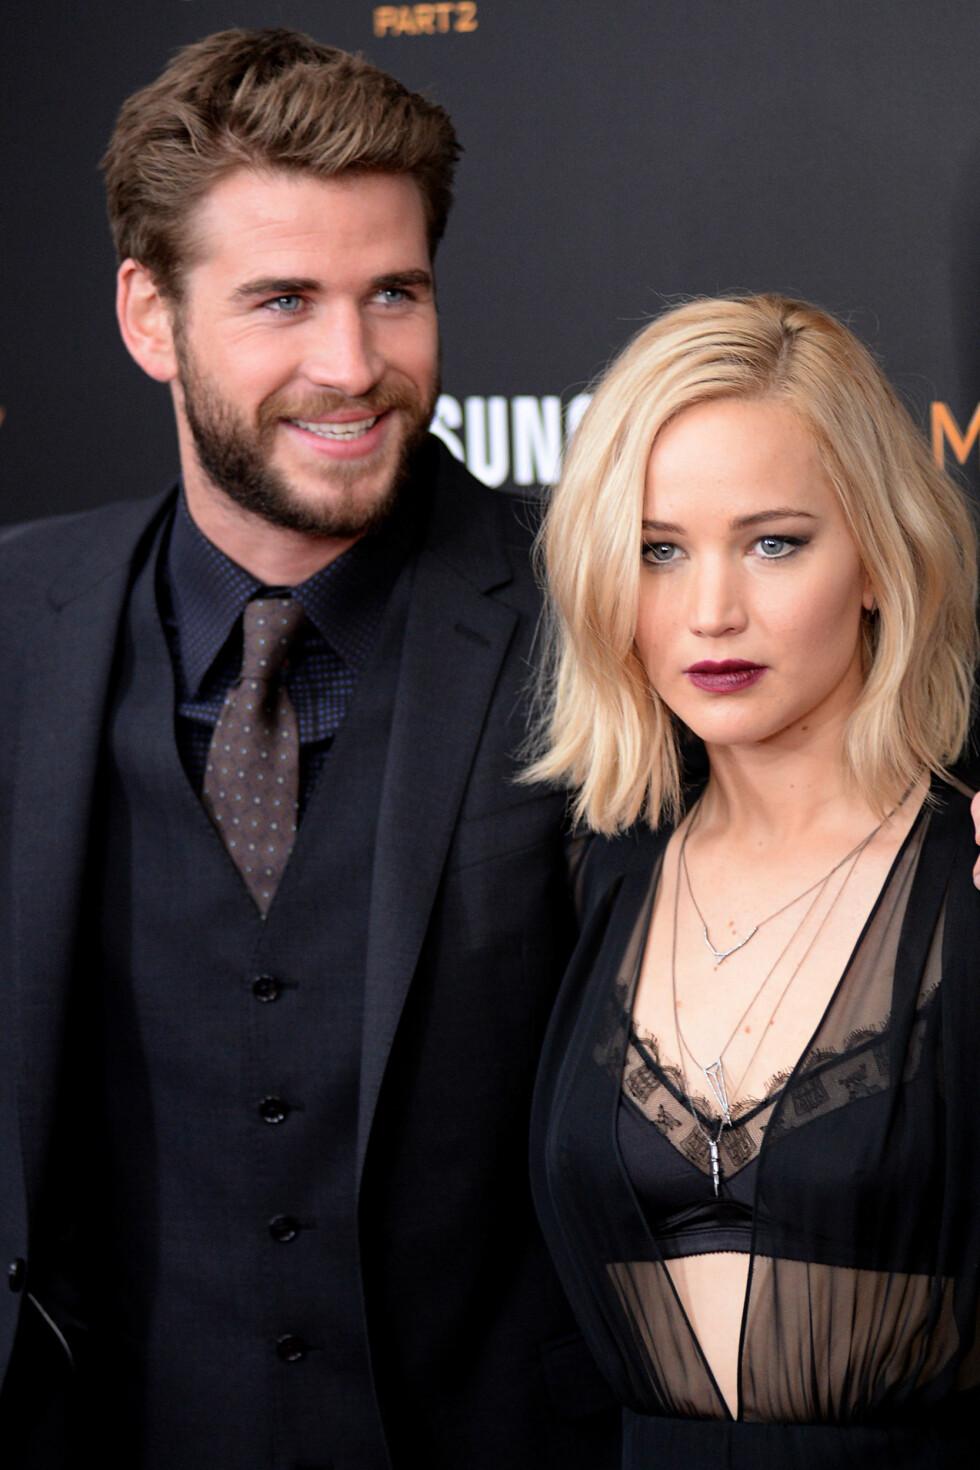 FILMKJEKKAS: Liam Hemsworth og Jennifer Lawrence hadde nylig premiere på sin siste «Hunger Games»-film. Det betyr kanskje at Liam nå har tid til å planlegge bryllup? Her er filmstjernene på «The Hunger Games: Mockingjay- Part 2»-premieren i New York i november. Foto: Zuma Press